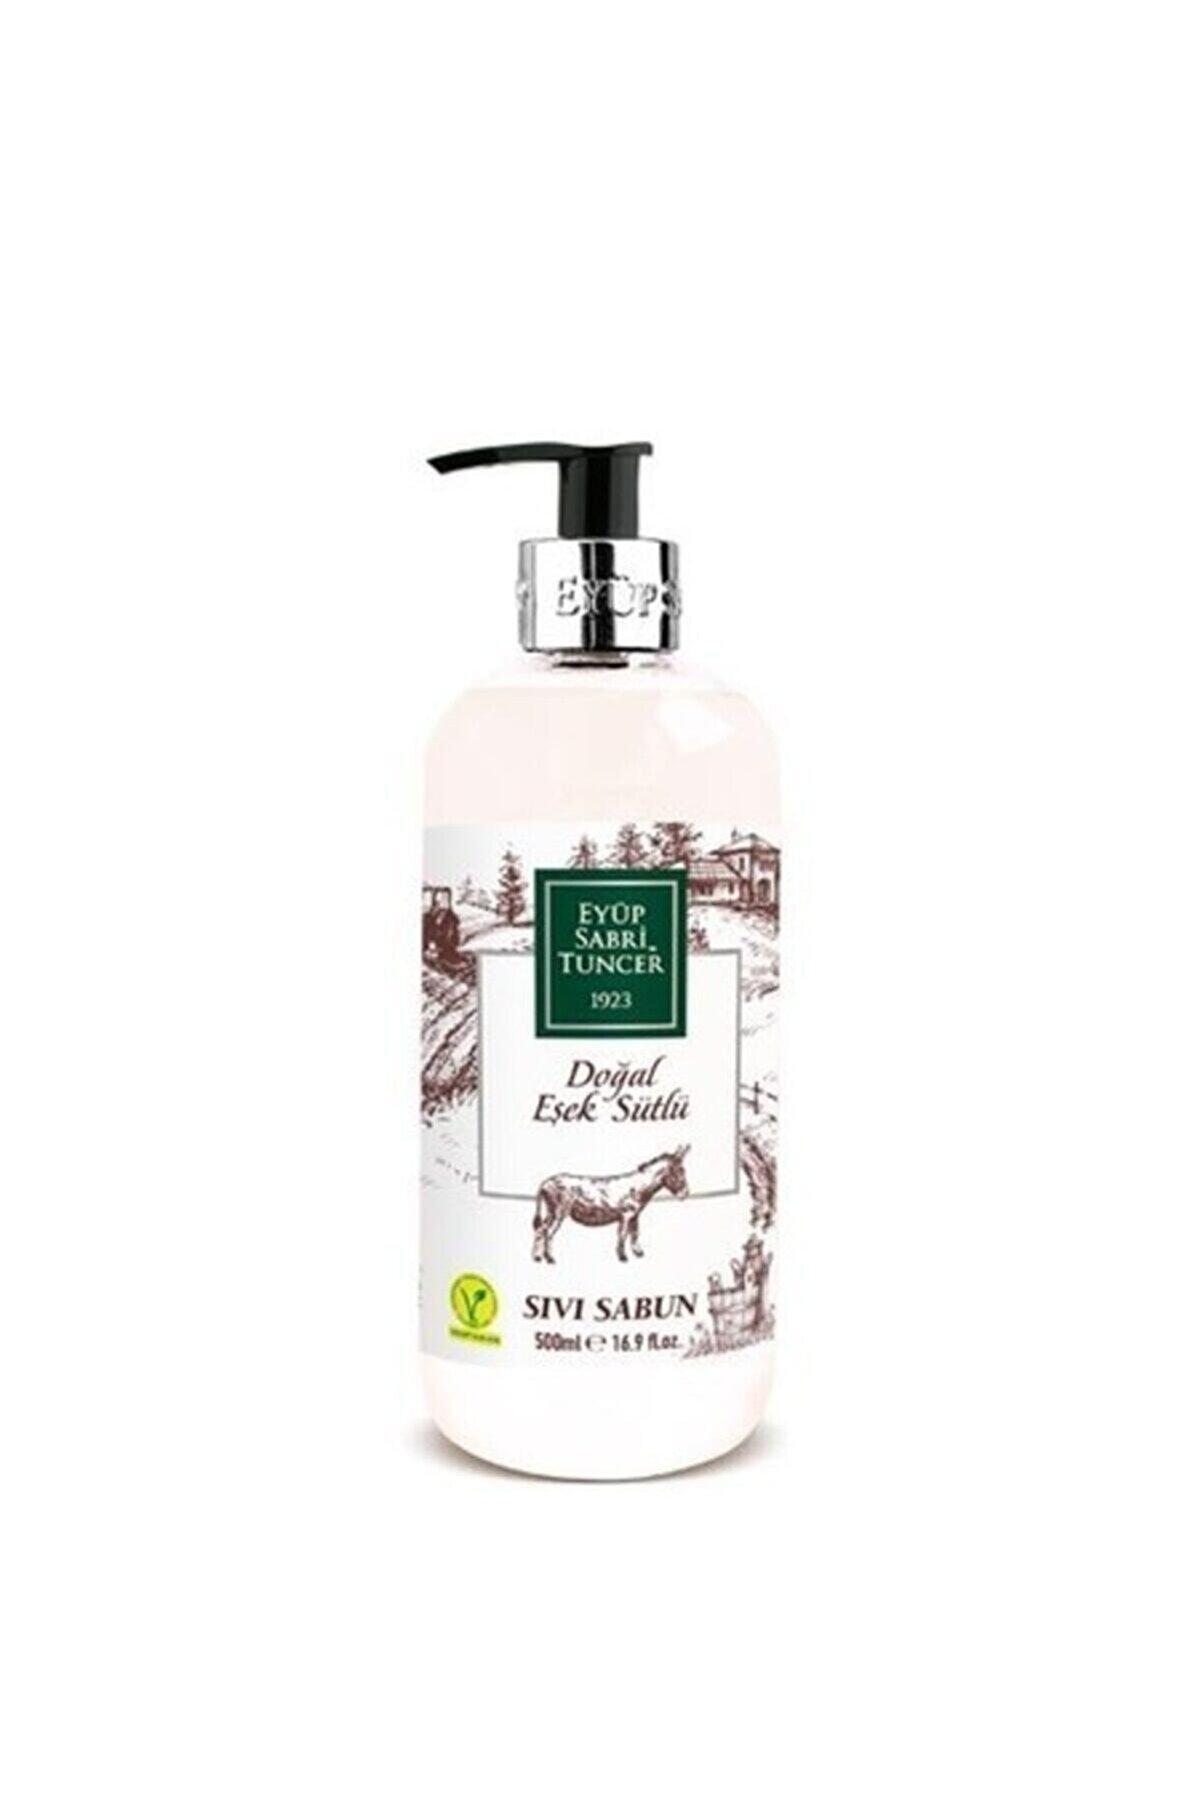 Eyüp Sabri Tuncer Doğal Eşek Sütlü Sıvı Sabun 500 ml